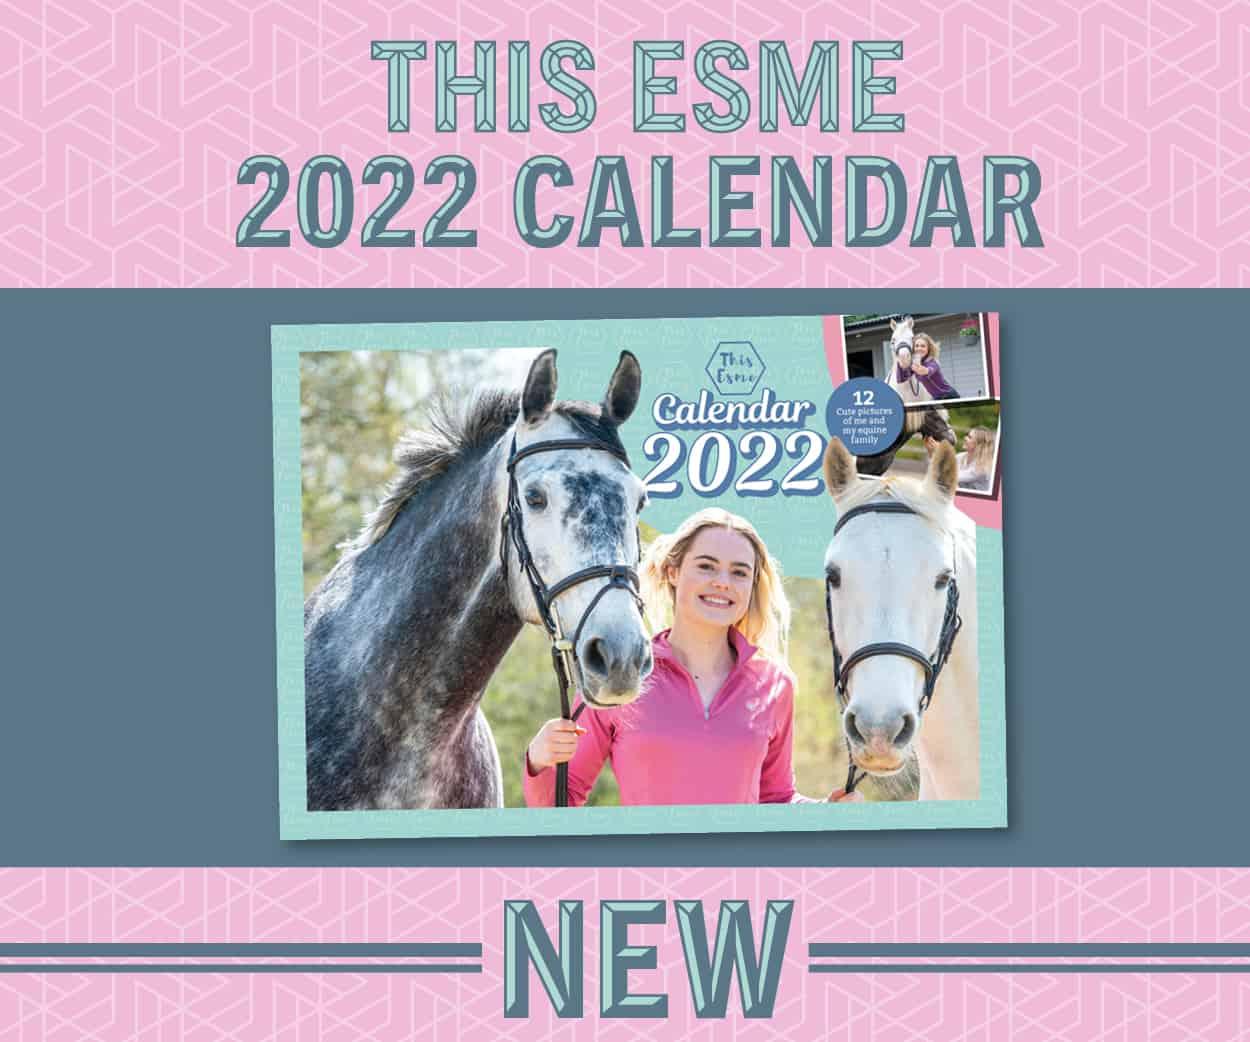 This Esme calendar 2022